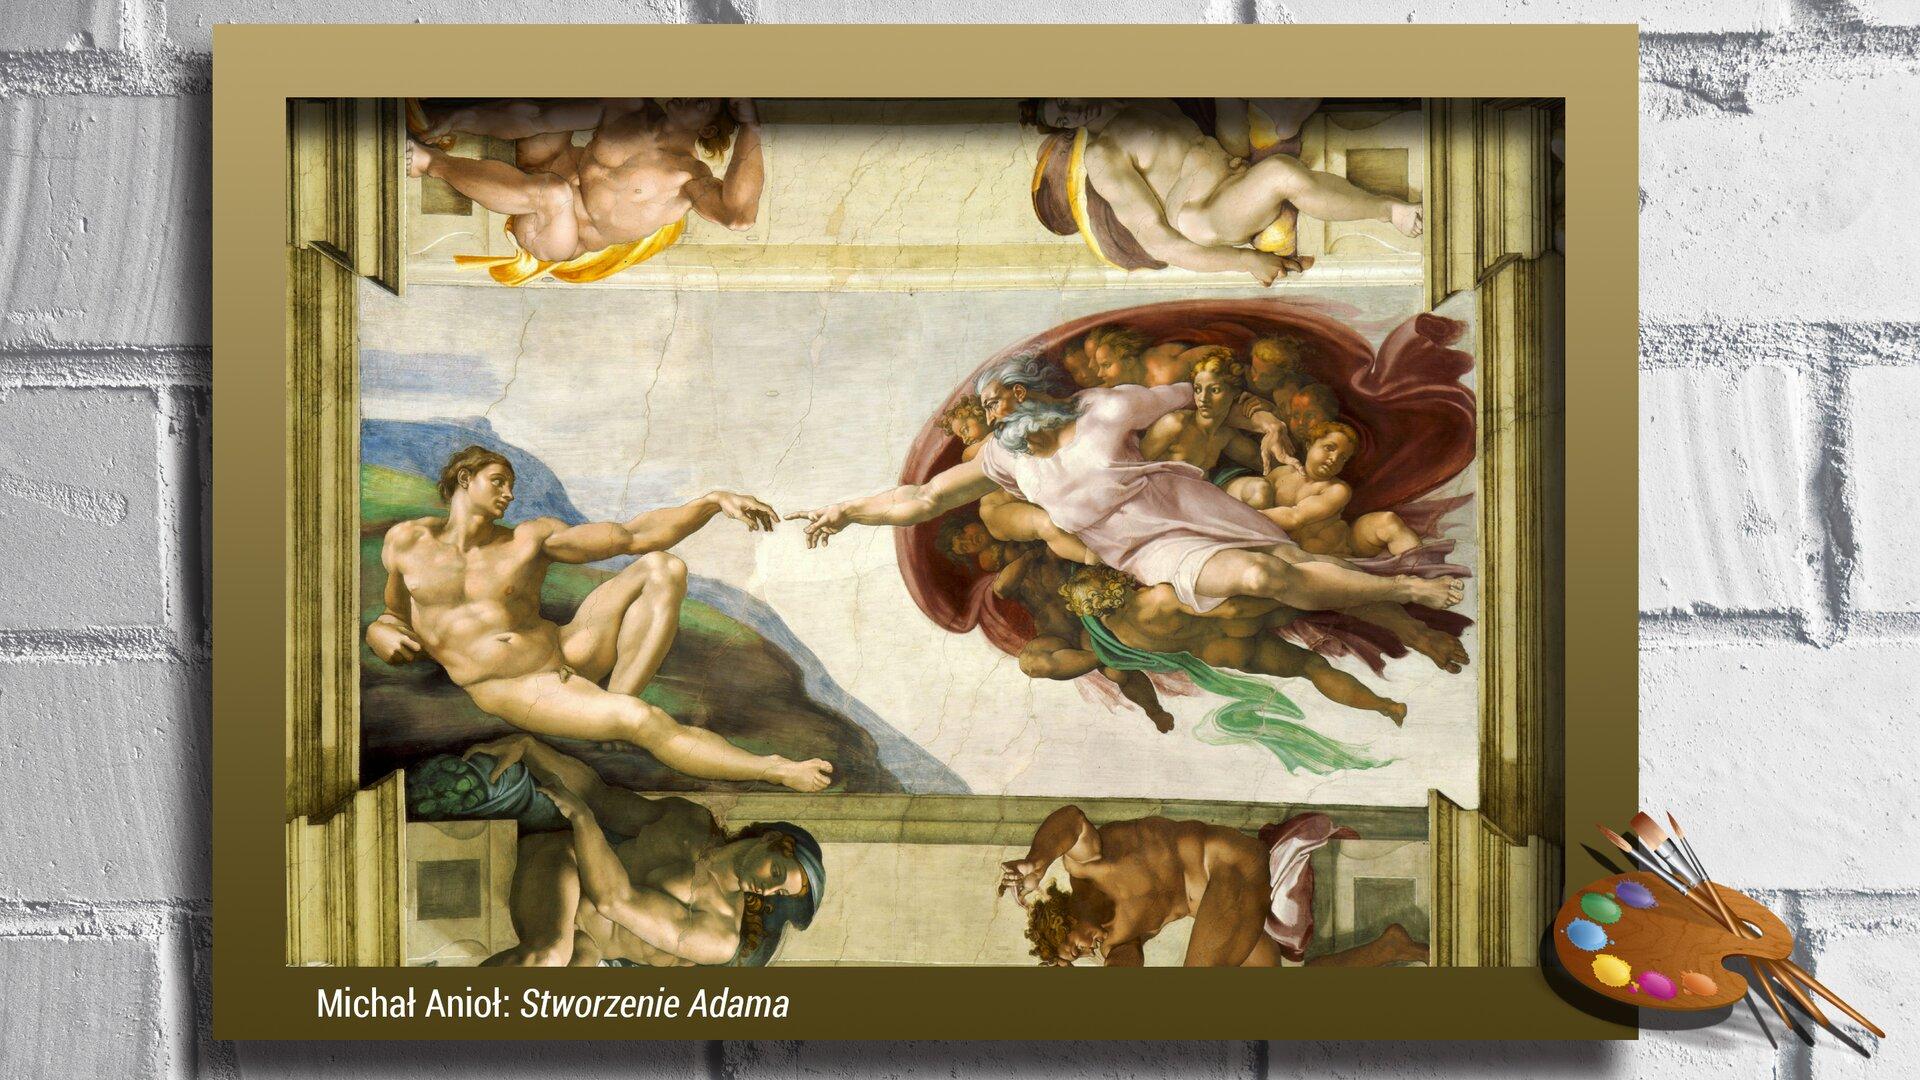 """Na zamieszczonej ilustracji znajduje się dzieło Michała Anioła, """"Stworzenie Adama"""". Po lewej stronie, na ziemi leży nagi mężczyzna zwyciągniętą lewą ręką wstronę Stwórcy, otoczonego cherubinami, zwyciągniętą prawą dłonią do pierwszego człowieka, do Adama. Bóg jest wbiałej szacie, ma brodę isiwe włosy."""